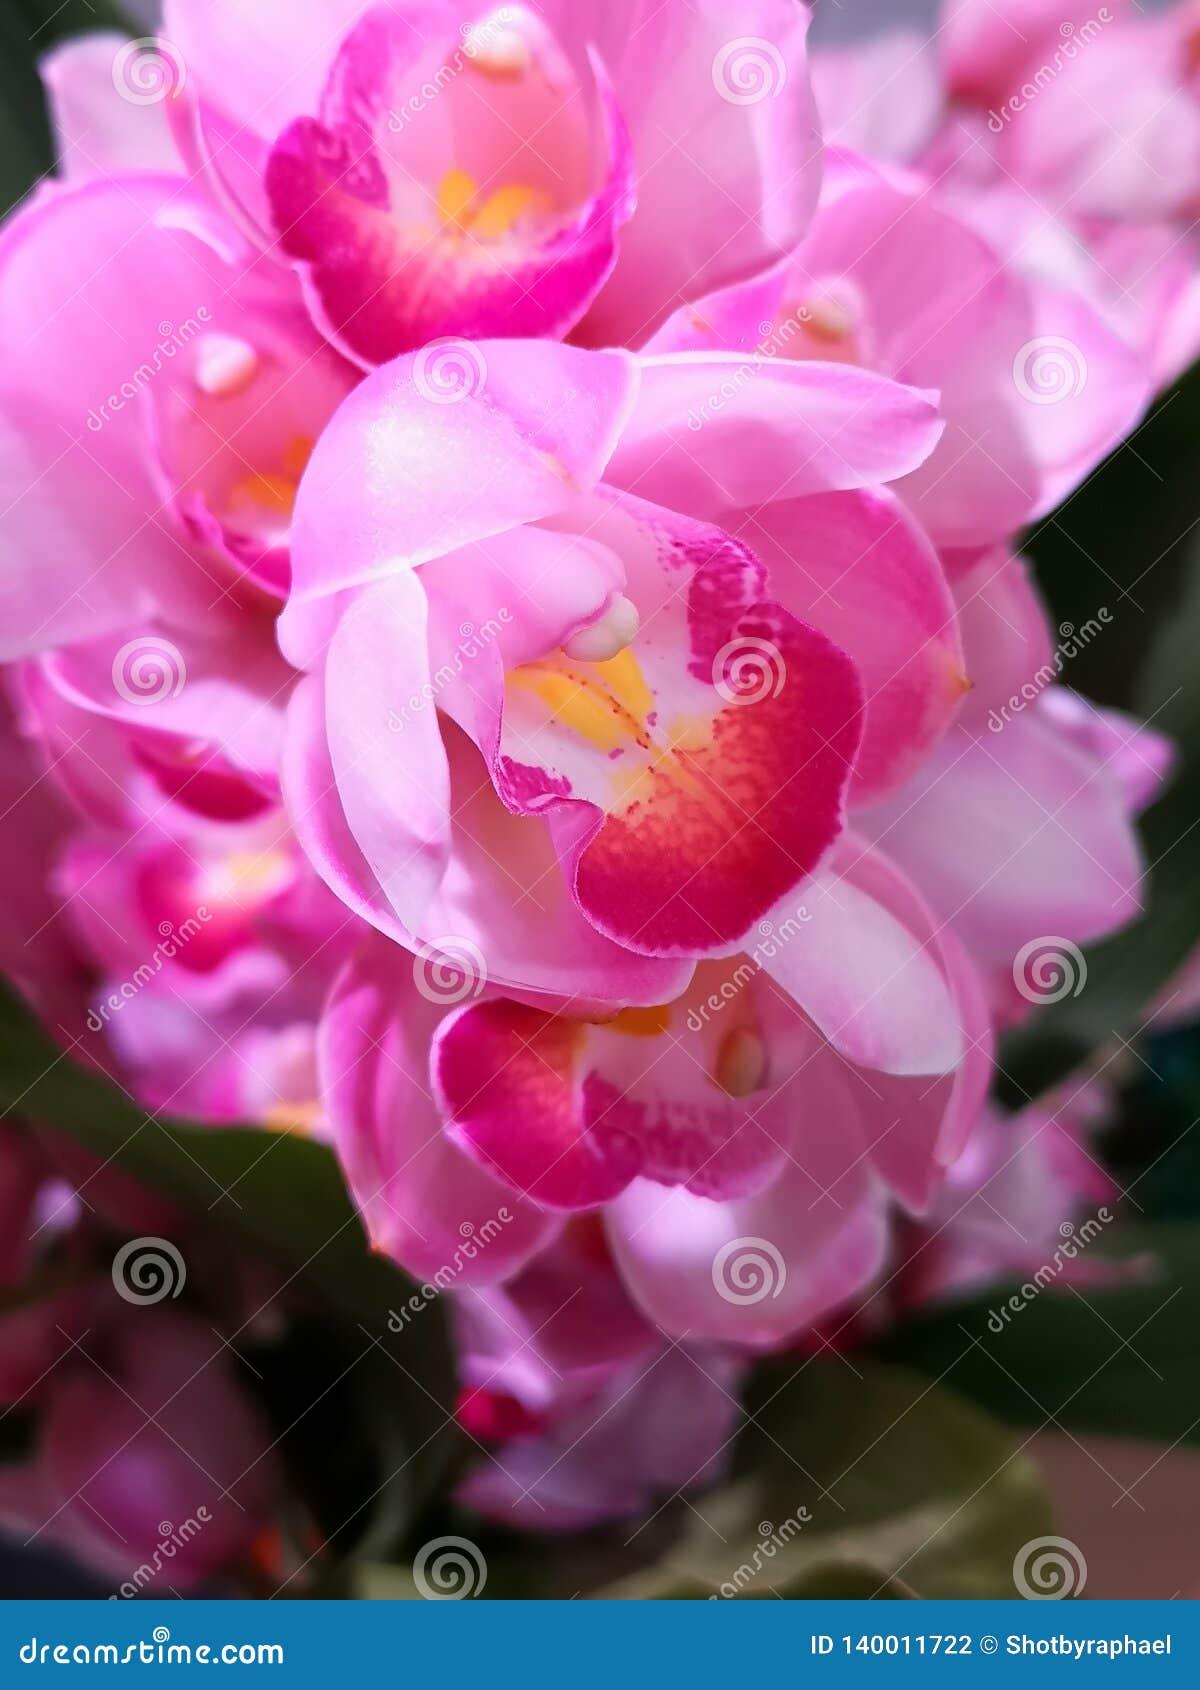 En härlig full klunga av mörkt och ljust - rosa orkidér, med gul mitt